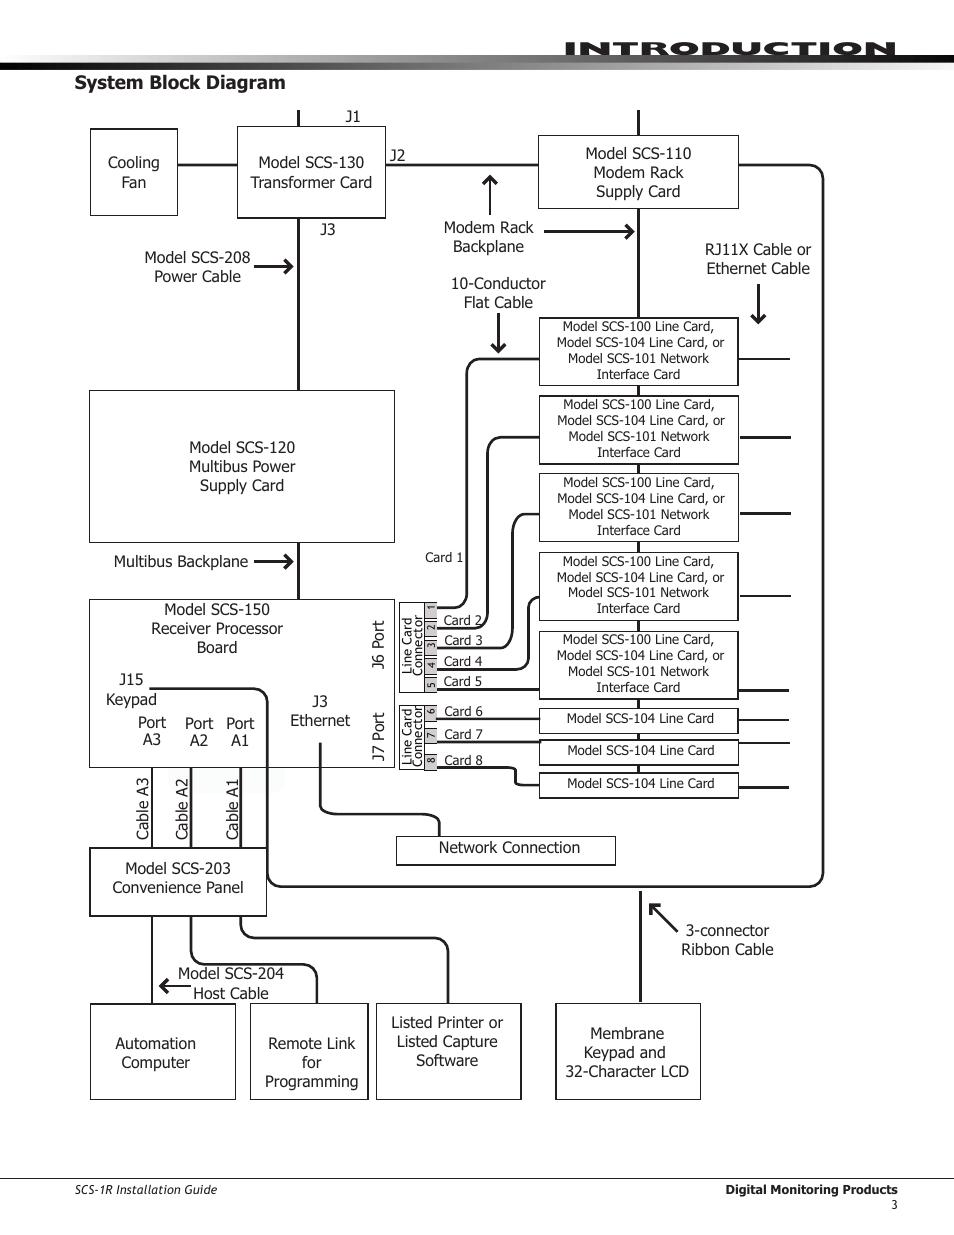 medium resolution of system block diagram introduction system block diagram dmp electronics security control receiver scs